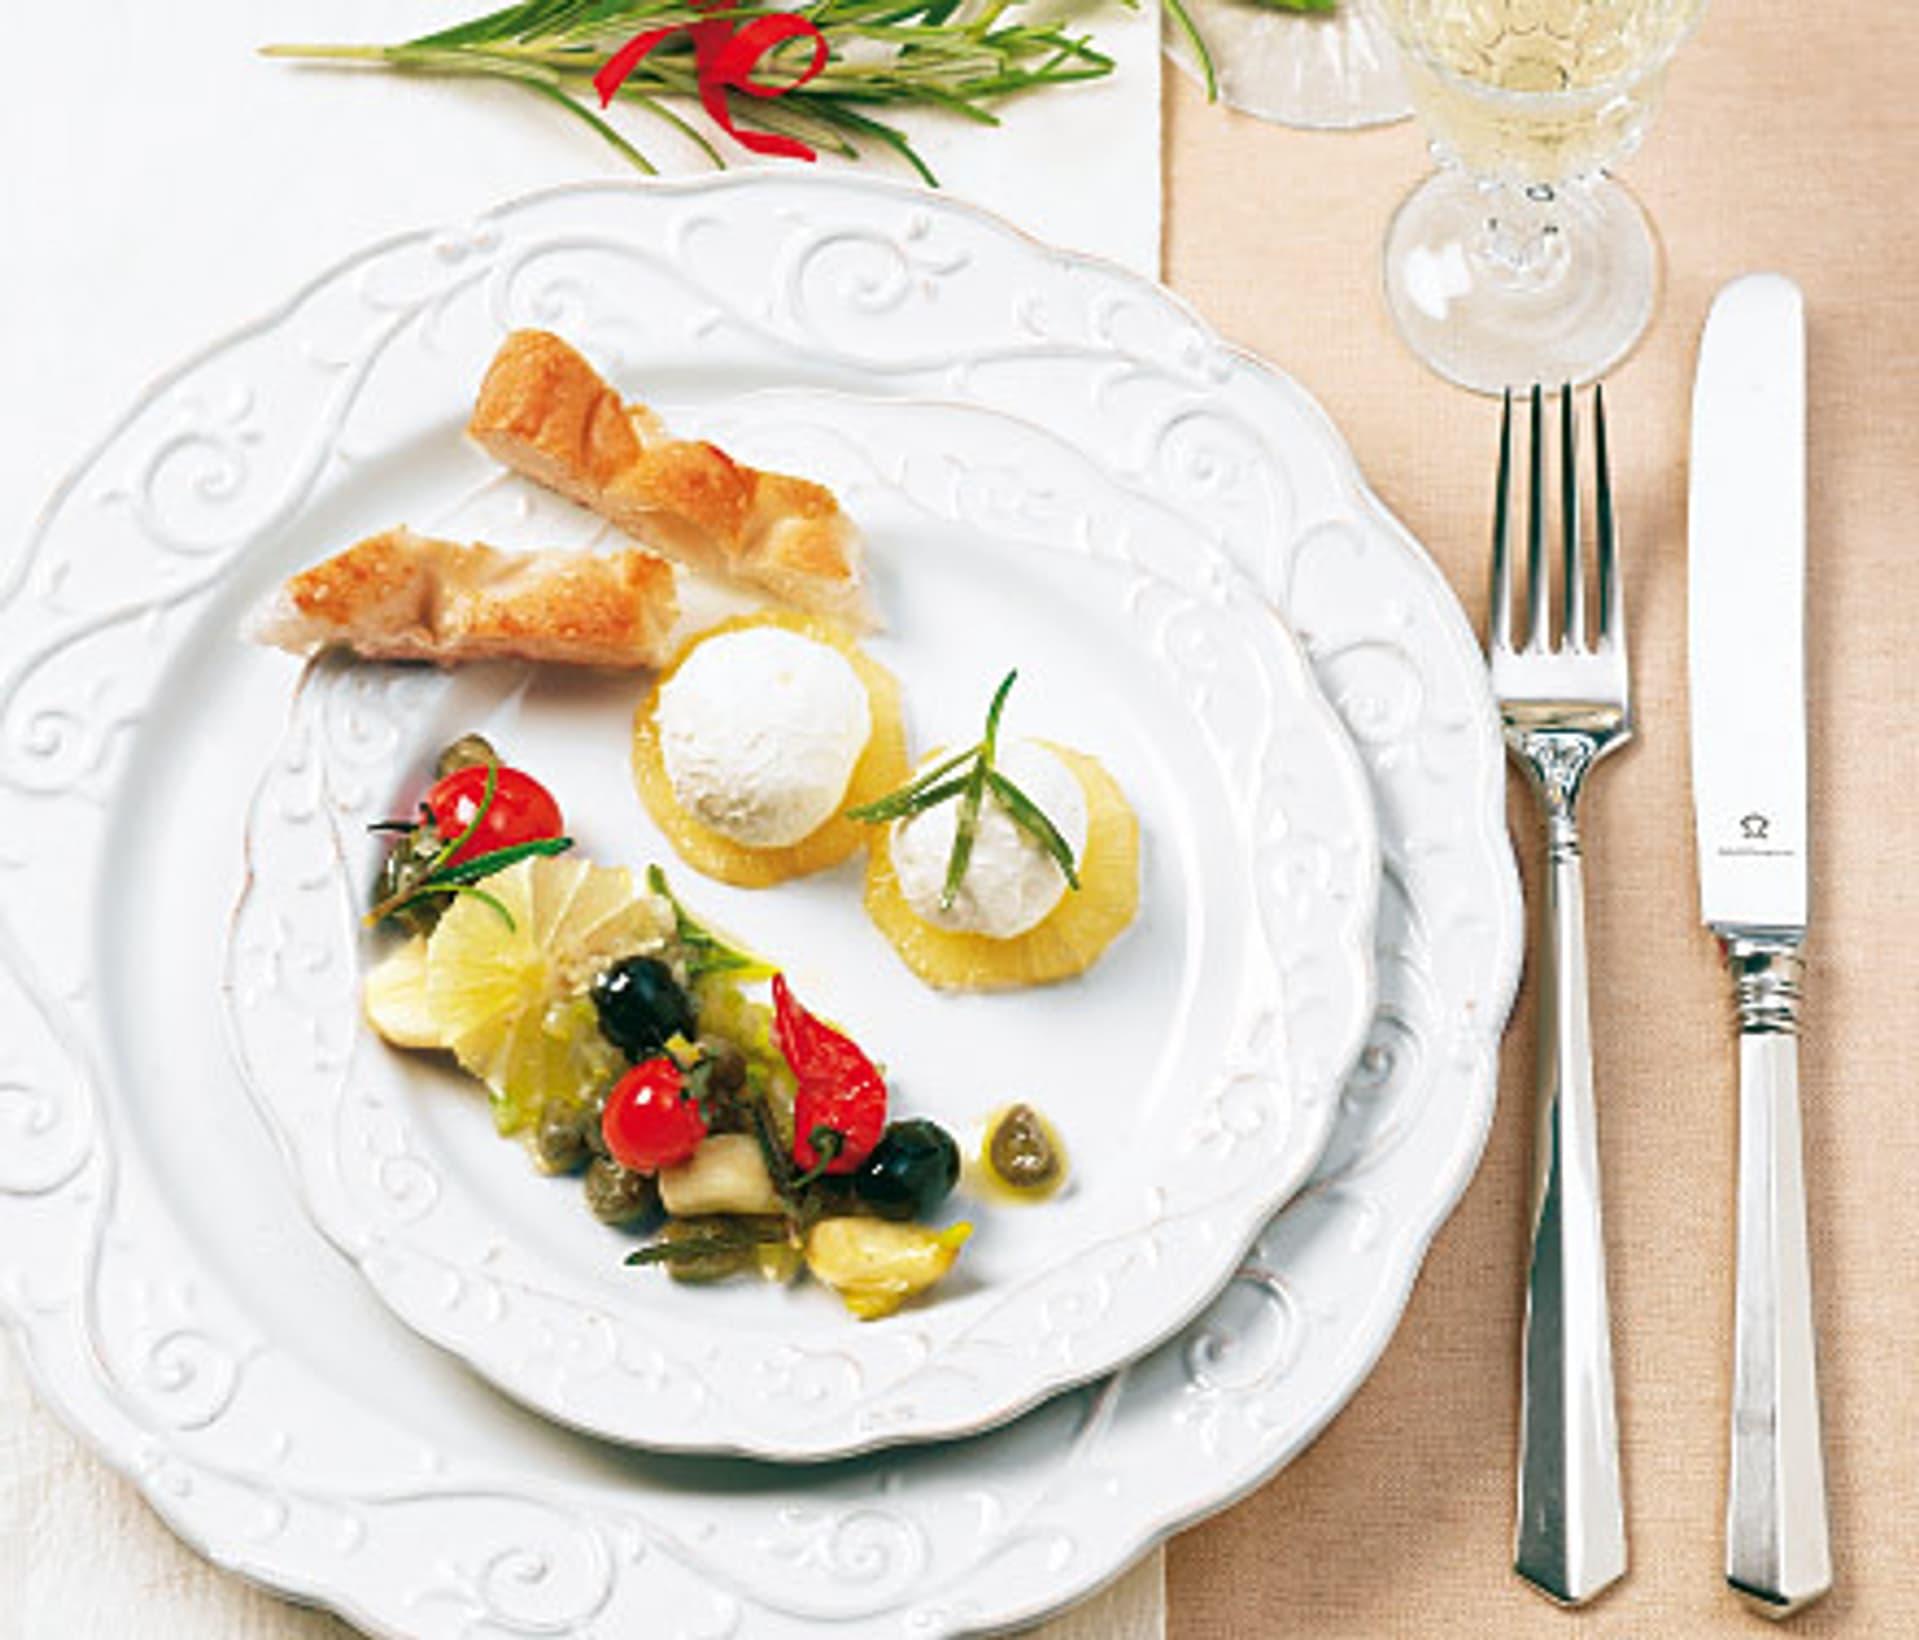 Ein festlicher weißer Teller mit kleinen Happen und einem kleinen Salat belegt